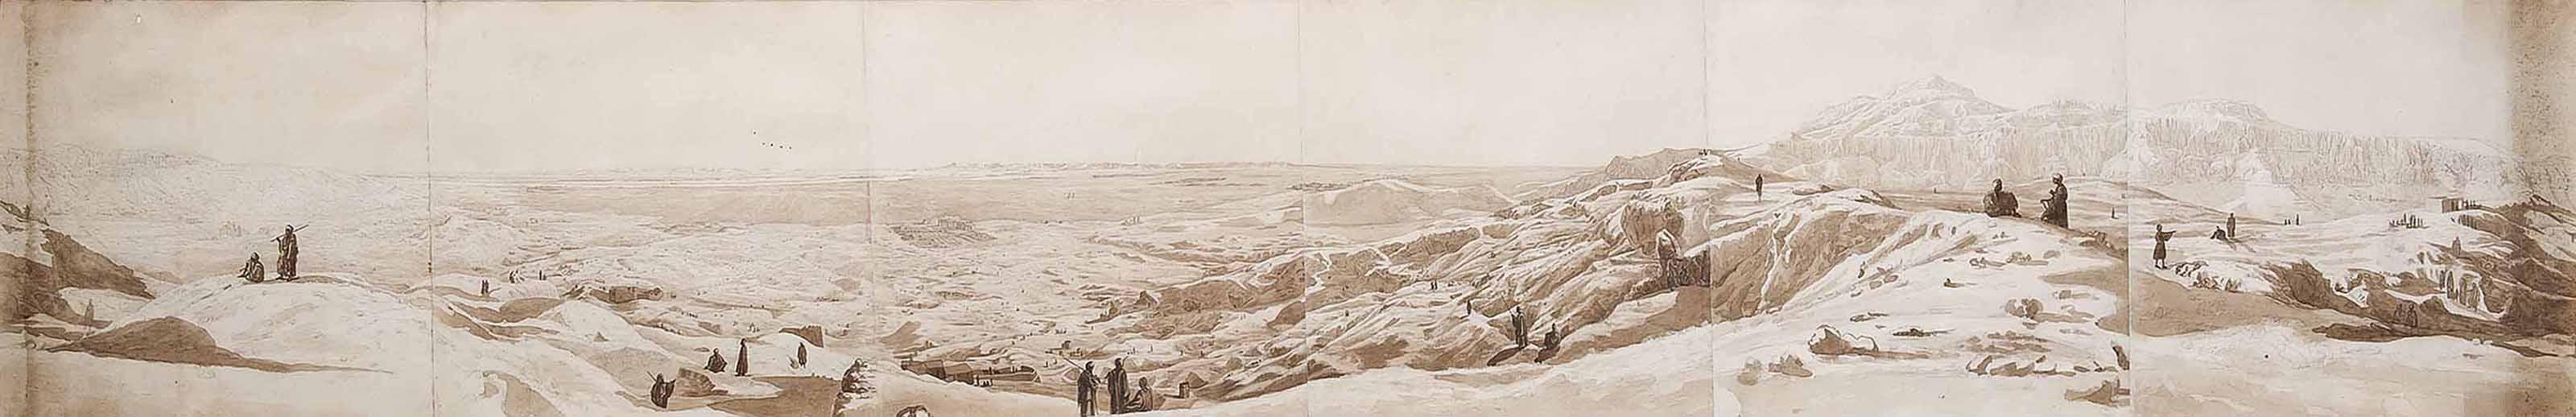 ROBERT HAY (SCOTTISH, 1799-186